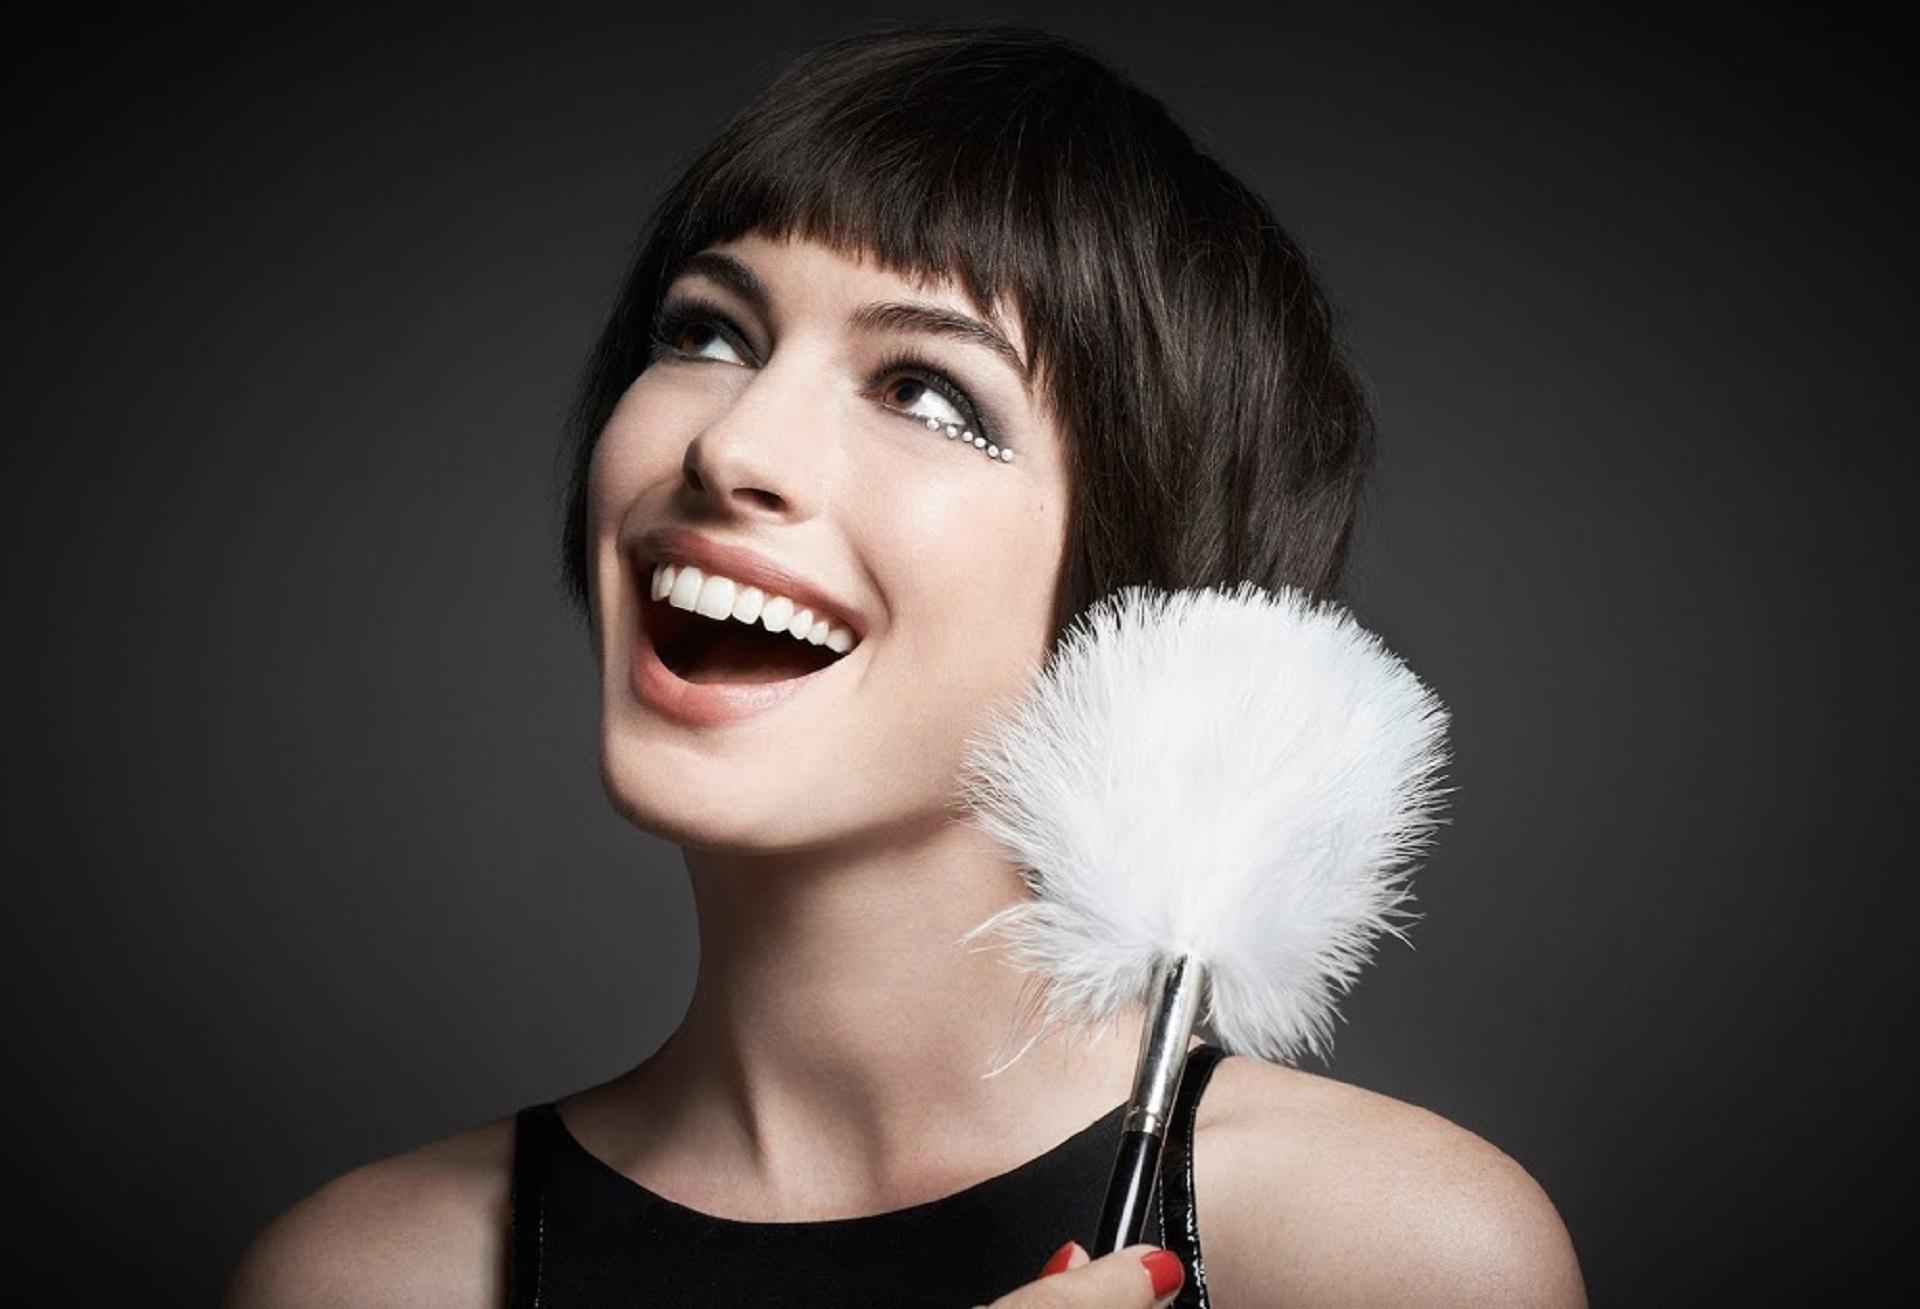 Anne Hathaway Hd Wallpaper Hd Wallpaper Background